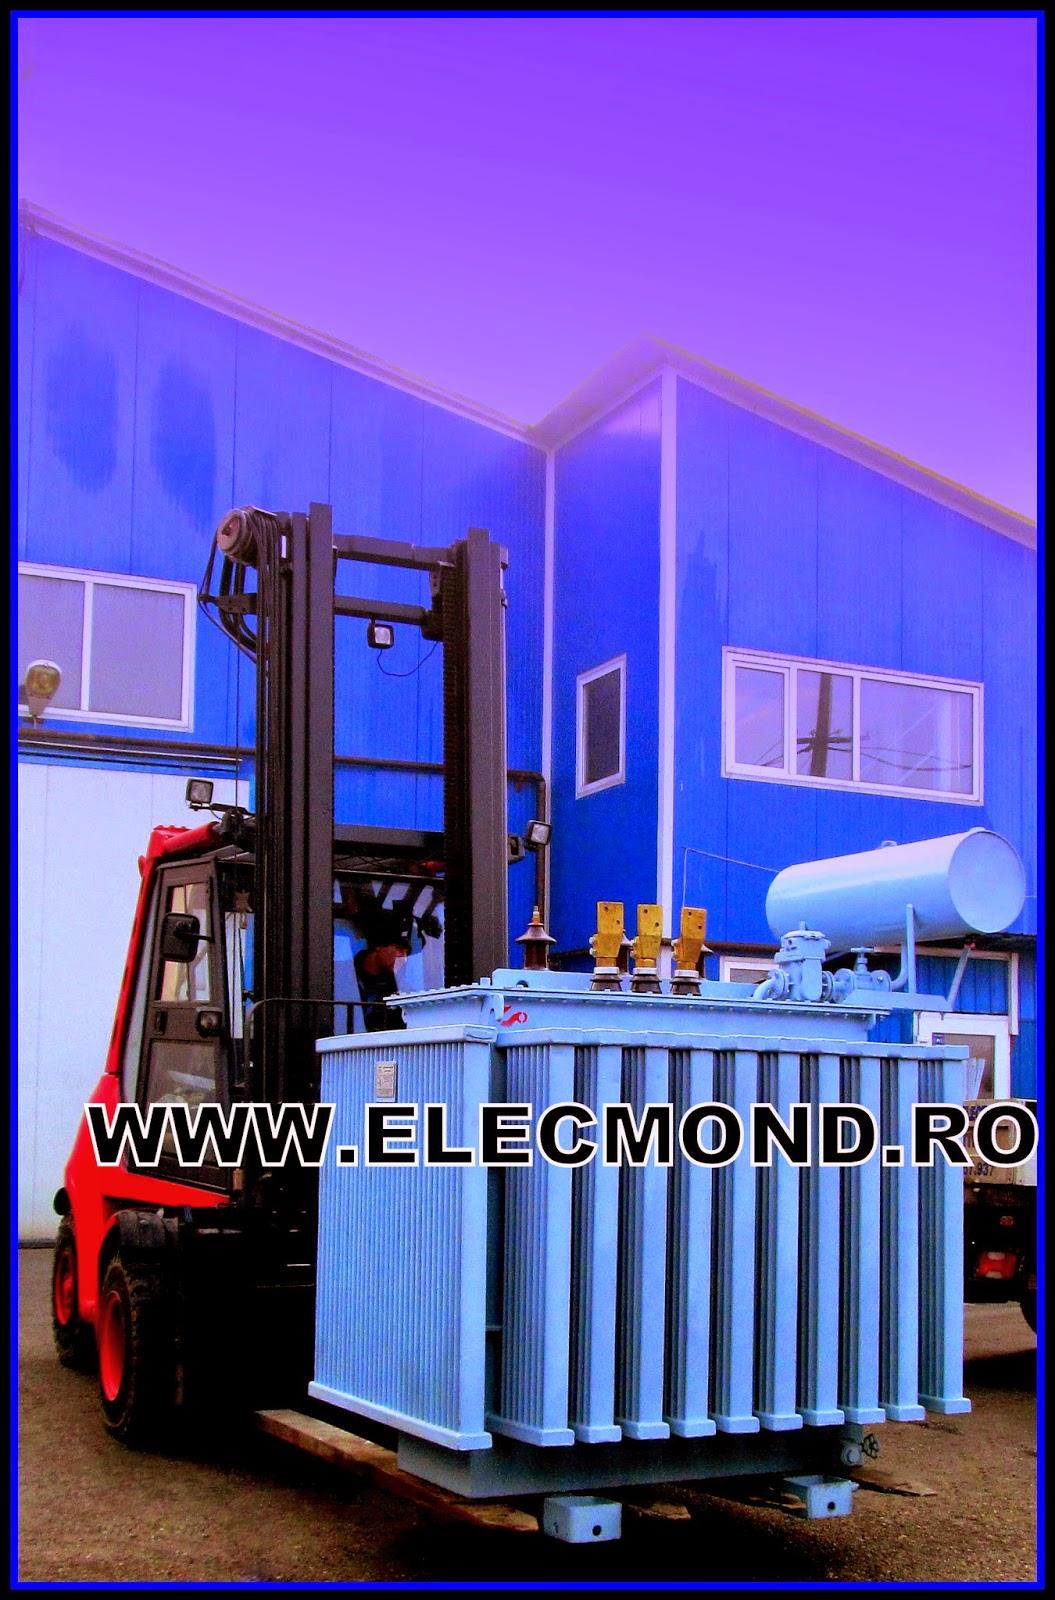 ELECMOND , MODIFICARE TRANSFORMATOR MODIFICARE TRANSFORMATOR DIN Transformator  1600 kVA  6/0,4 kV in TRANSFORMATOR TRIFAZAT IN ULEI  TTU-Cu/Cu-ONAN 1430 kVA  6/0,63 kV , TRAFO , TRANSFORMATOR 1600 kVA , 6/0,4 kV , elecmond electric , transformatoare elecmond